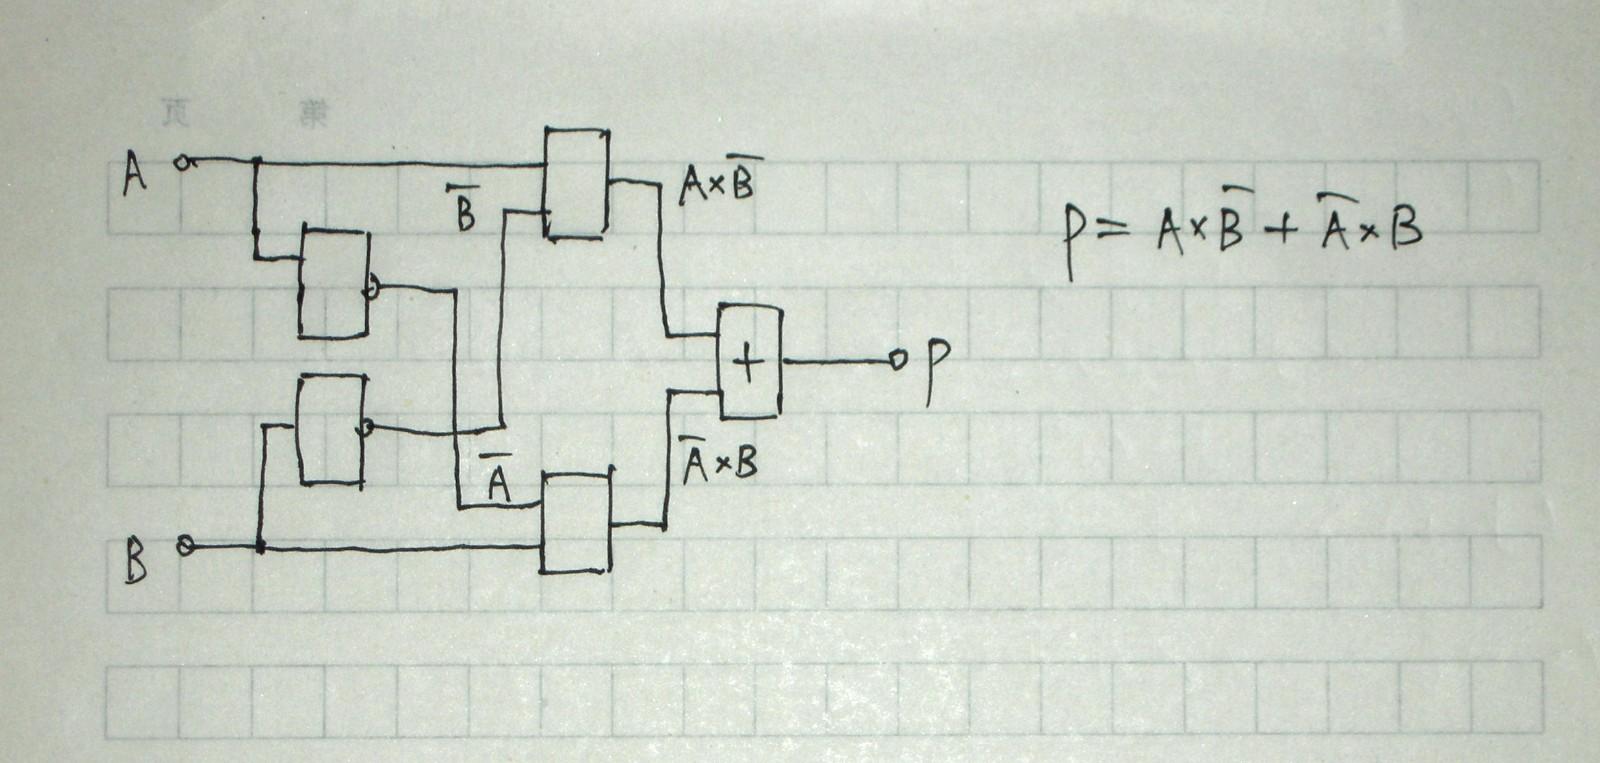 求助:cmos异或门电路分析